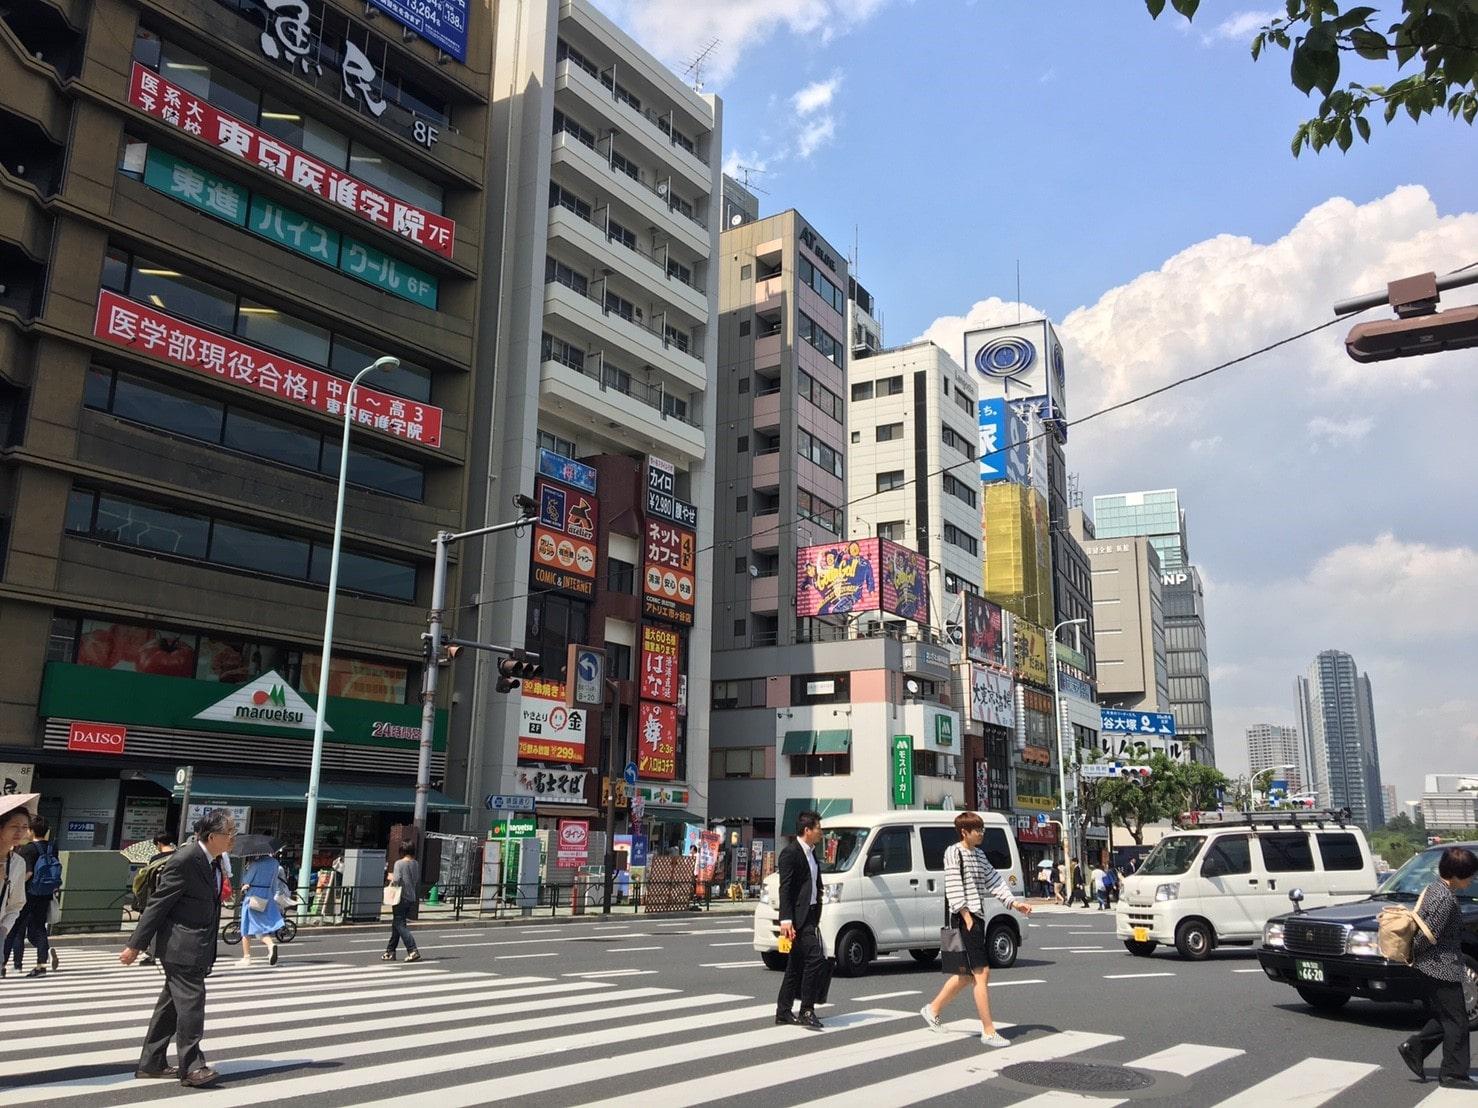 通行人が多数いる交差点の風景